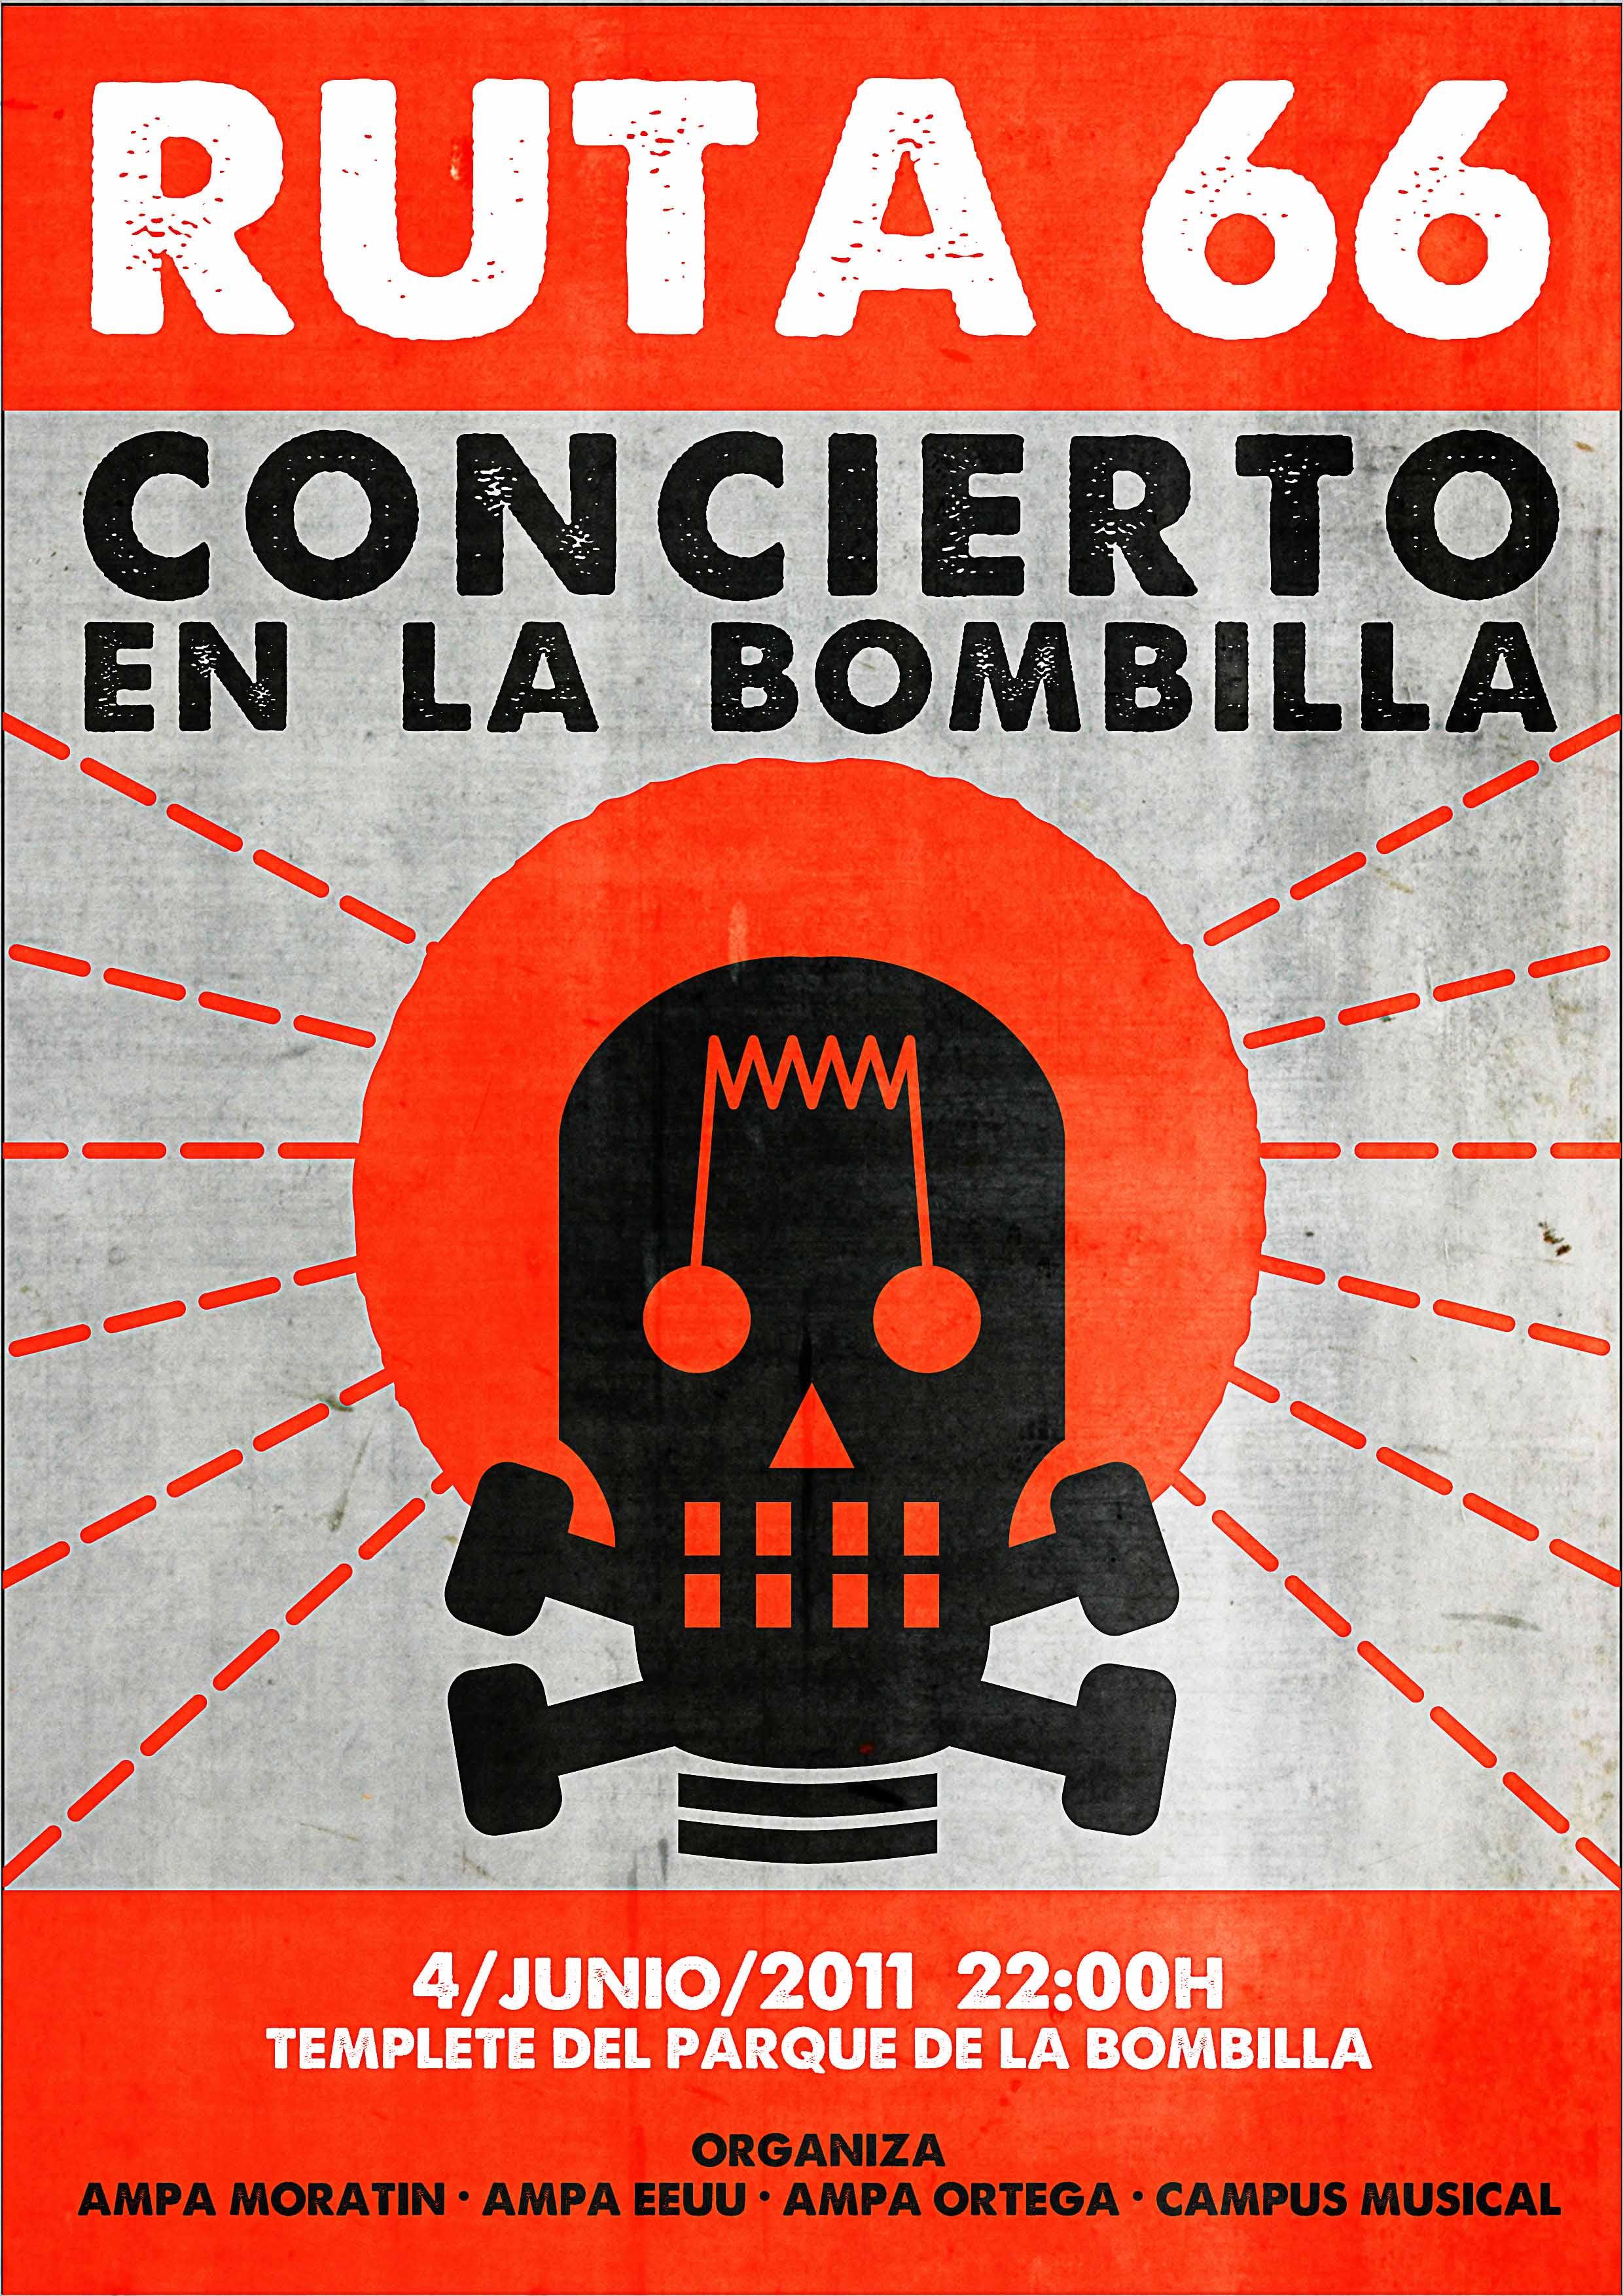 Concierto en la Bombilla!!!